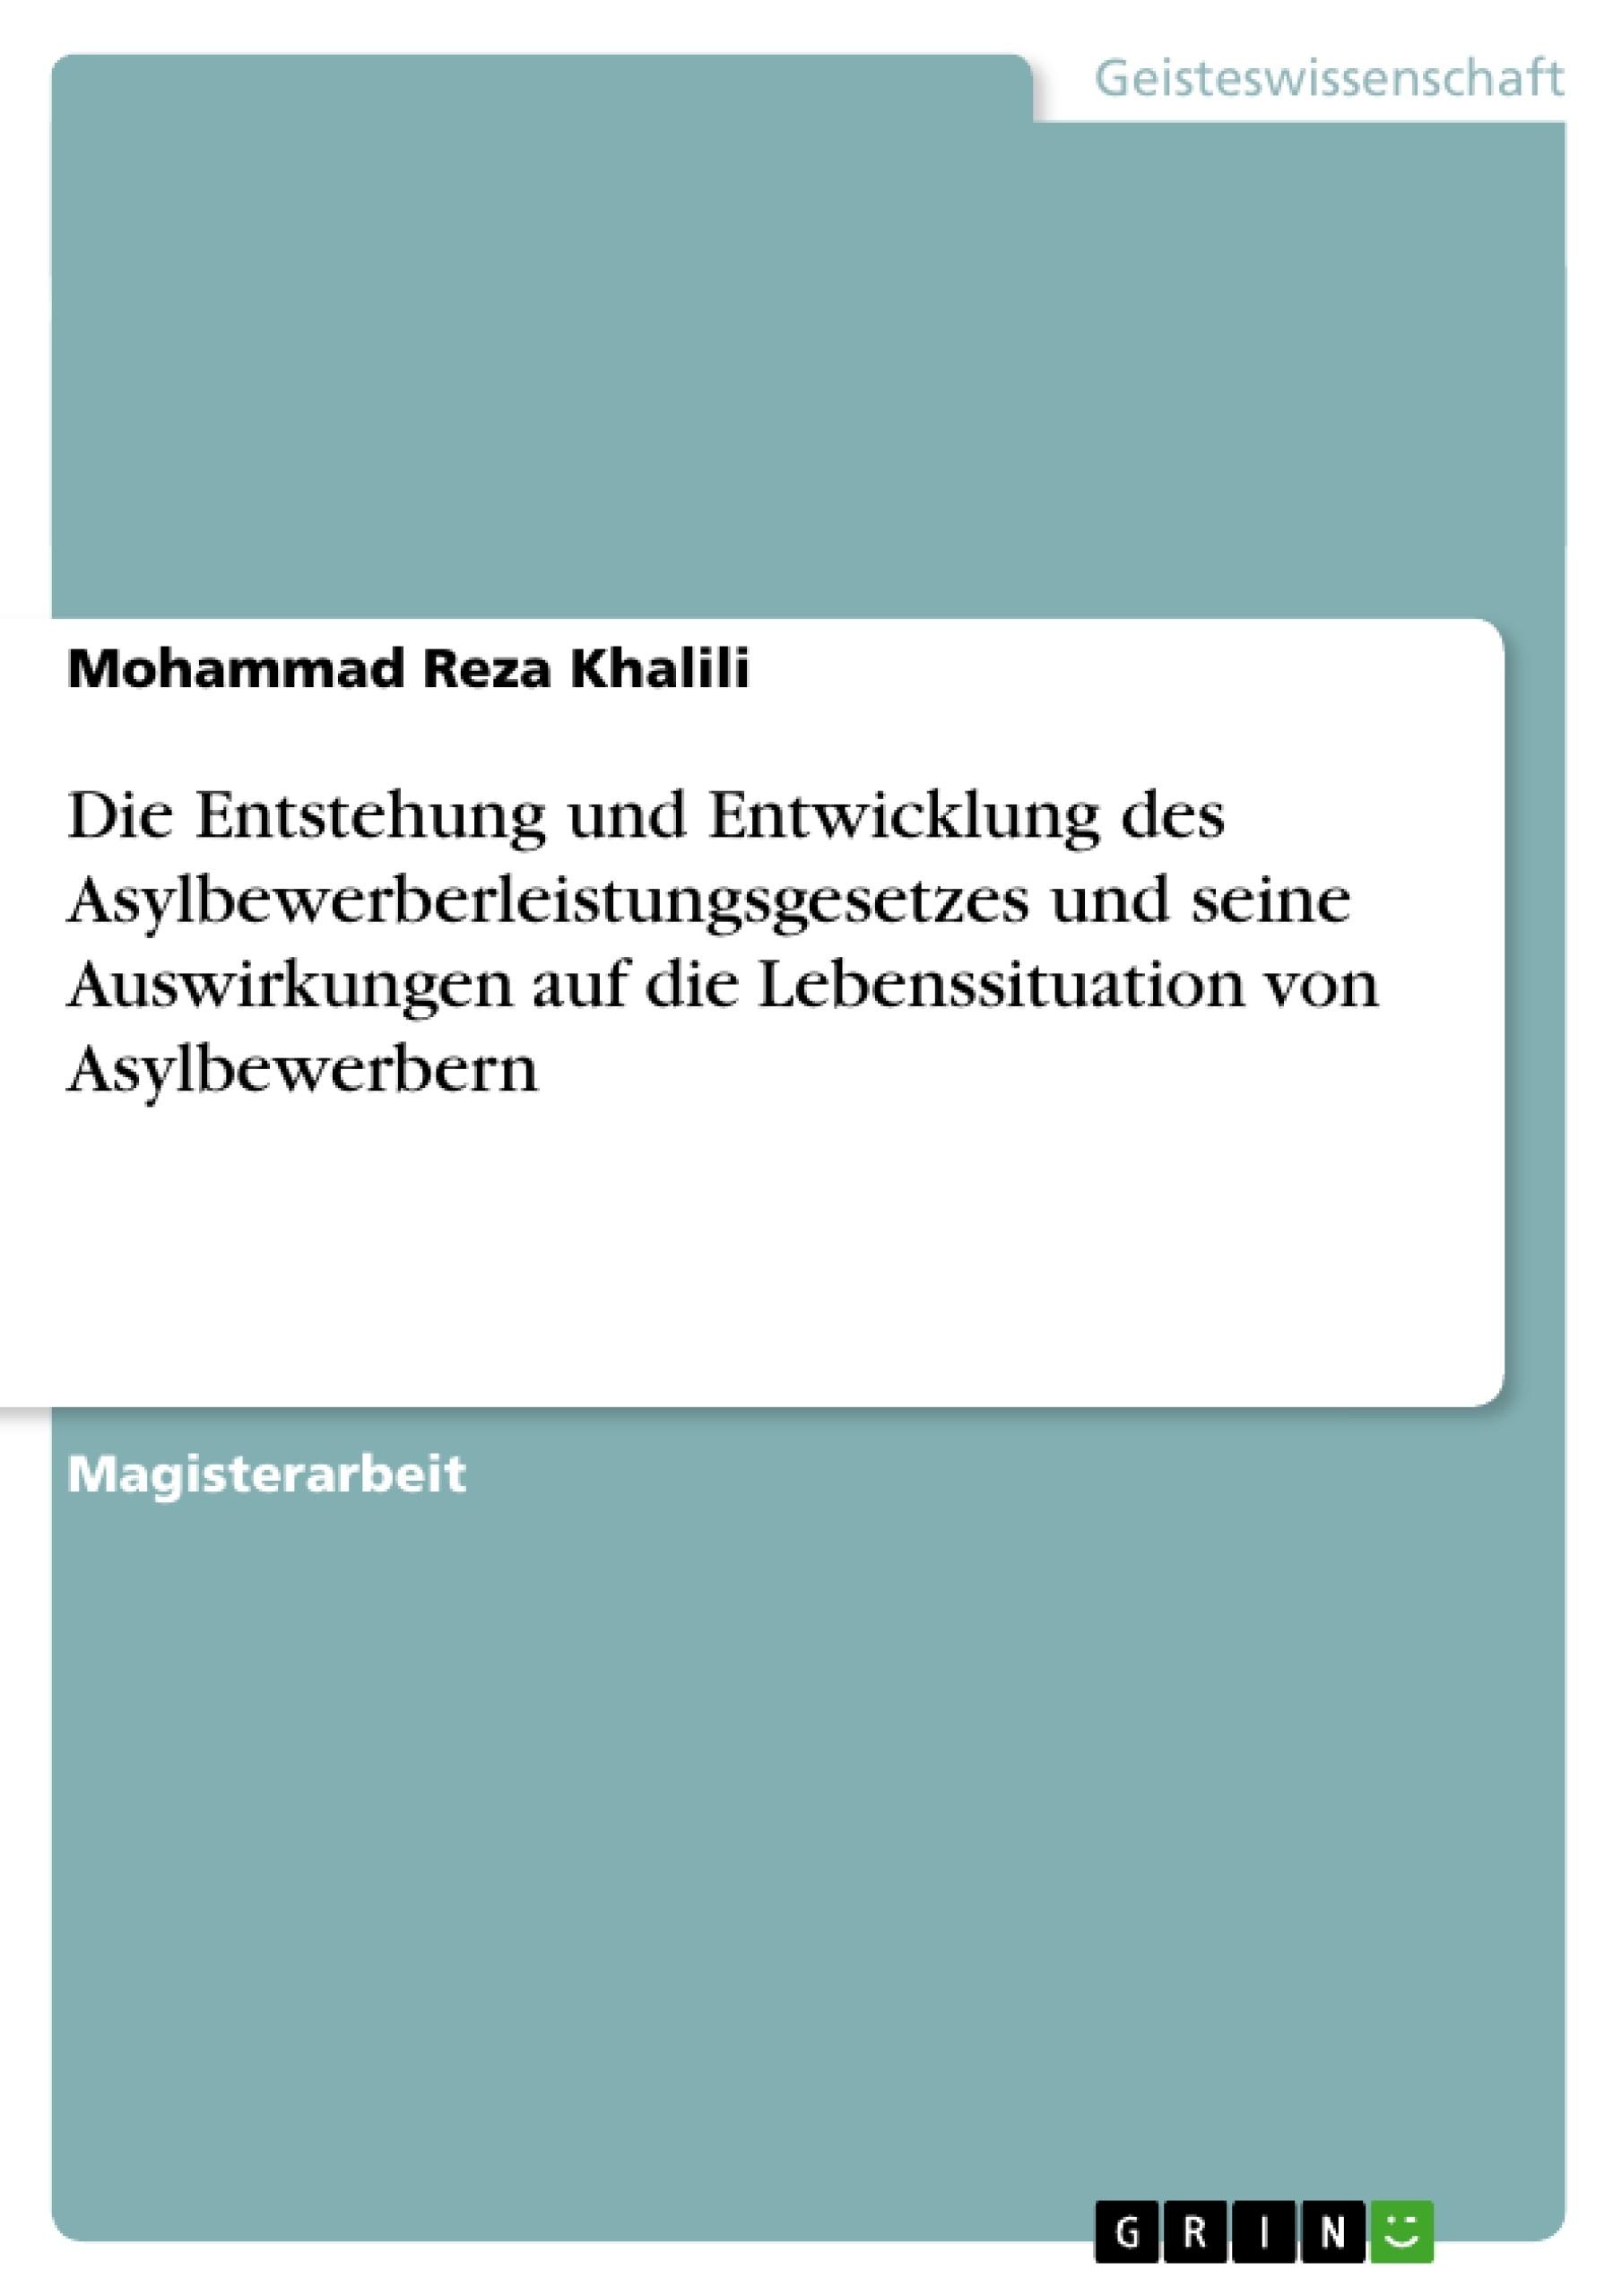 Titel: Die Entstehung und Entwicklung des Asylbewerberleistungsgesetzes und seine Auswirkungen auf die Lebenssituation von Asylbewerbern